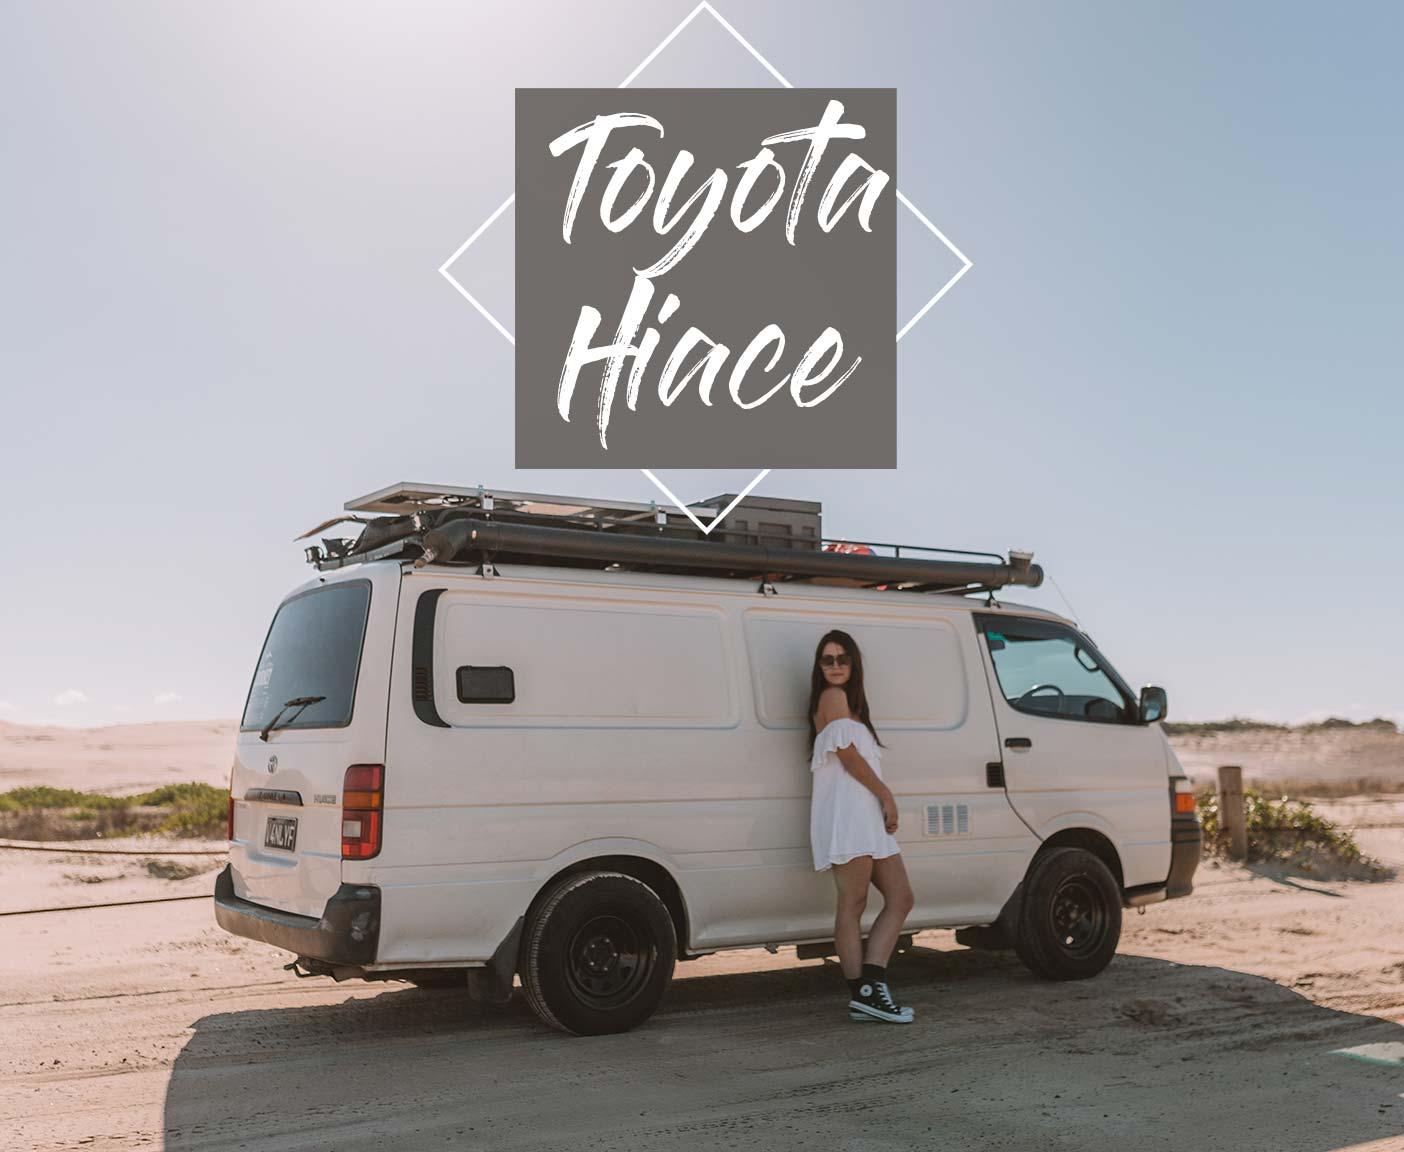 toyota-hiace-selfmade-camper-van-van-conversion